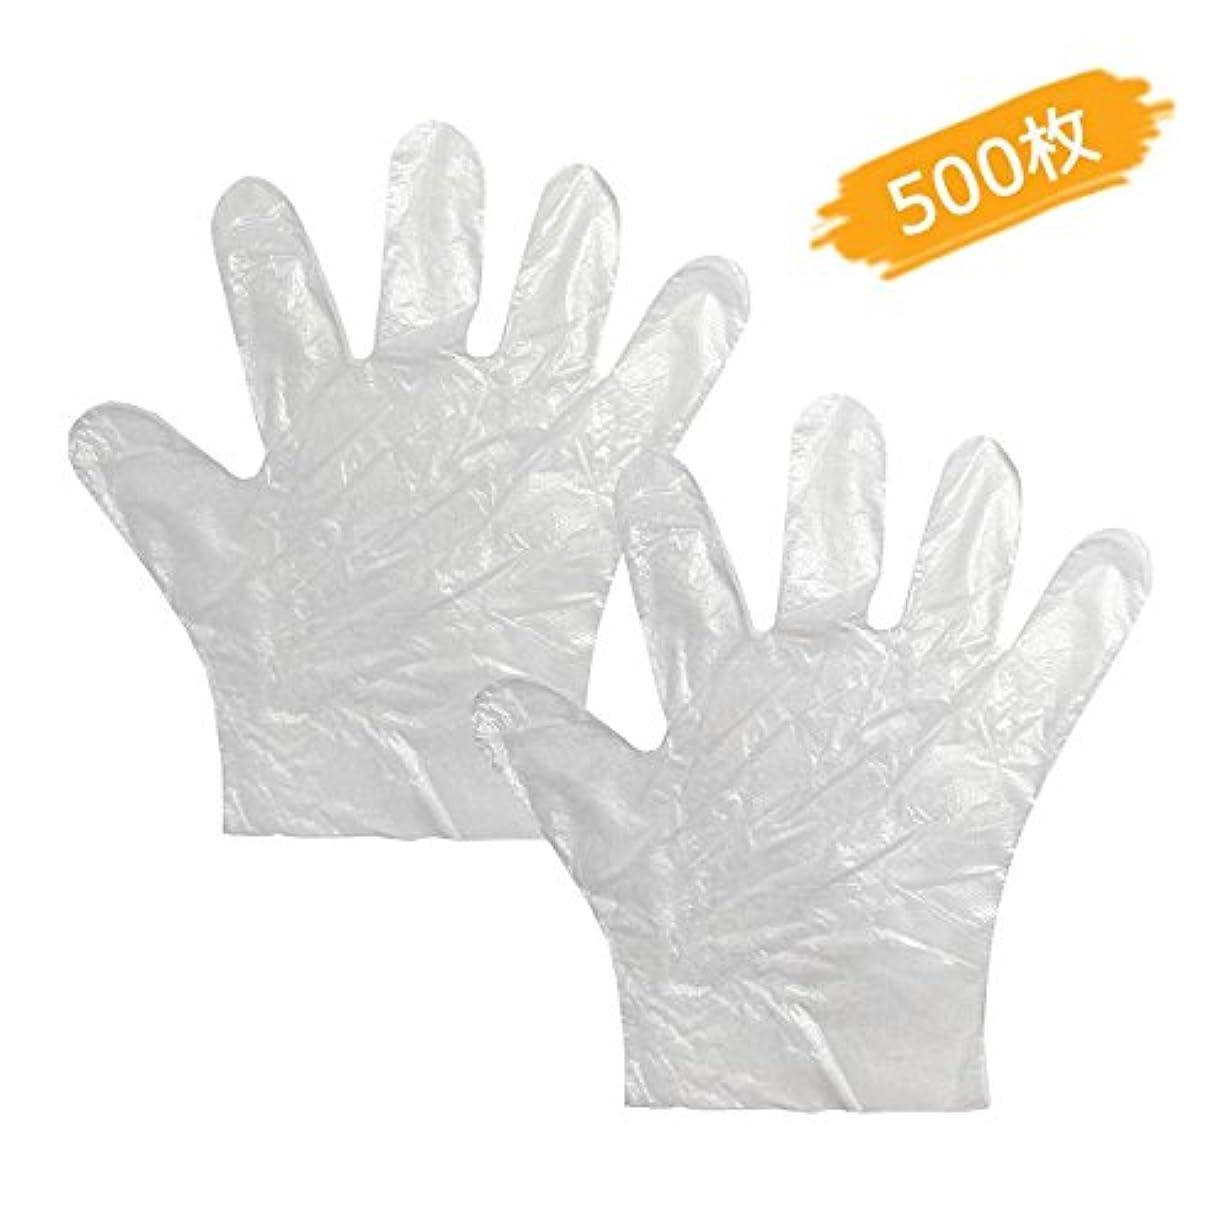 欠席ウッズ平和的使い捨て手袋 プラスティック手袋 極薄ビニール手袋 調理 透明 実用 500枚入